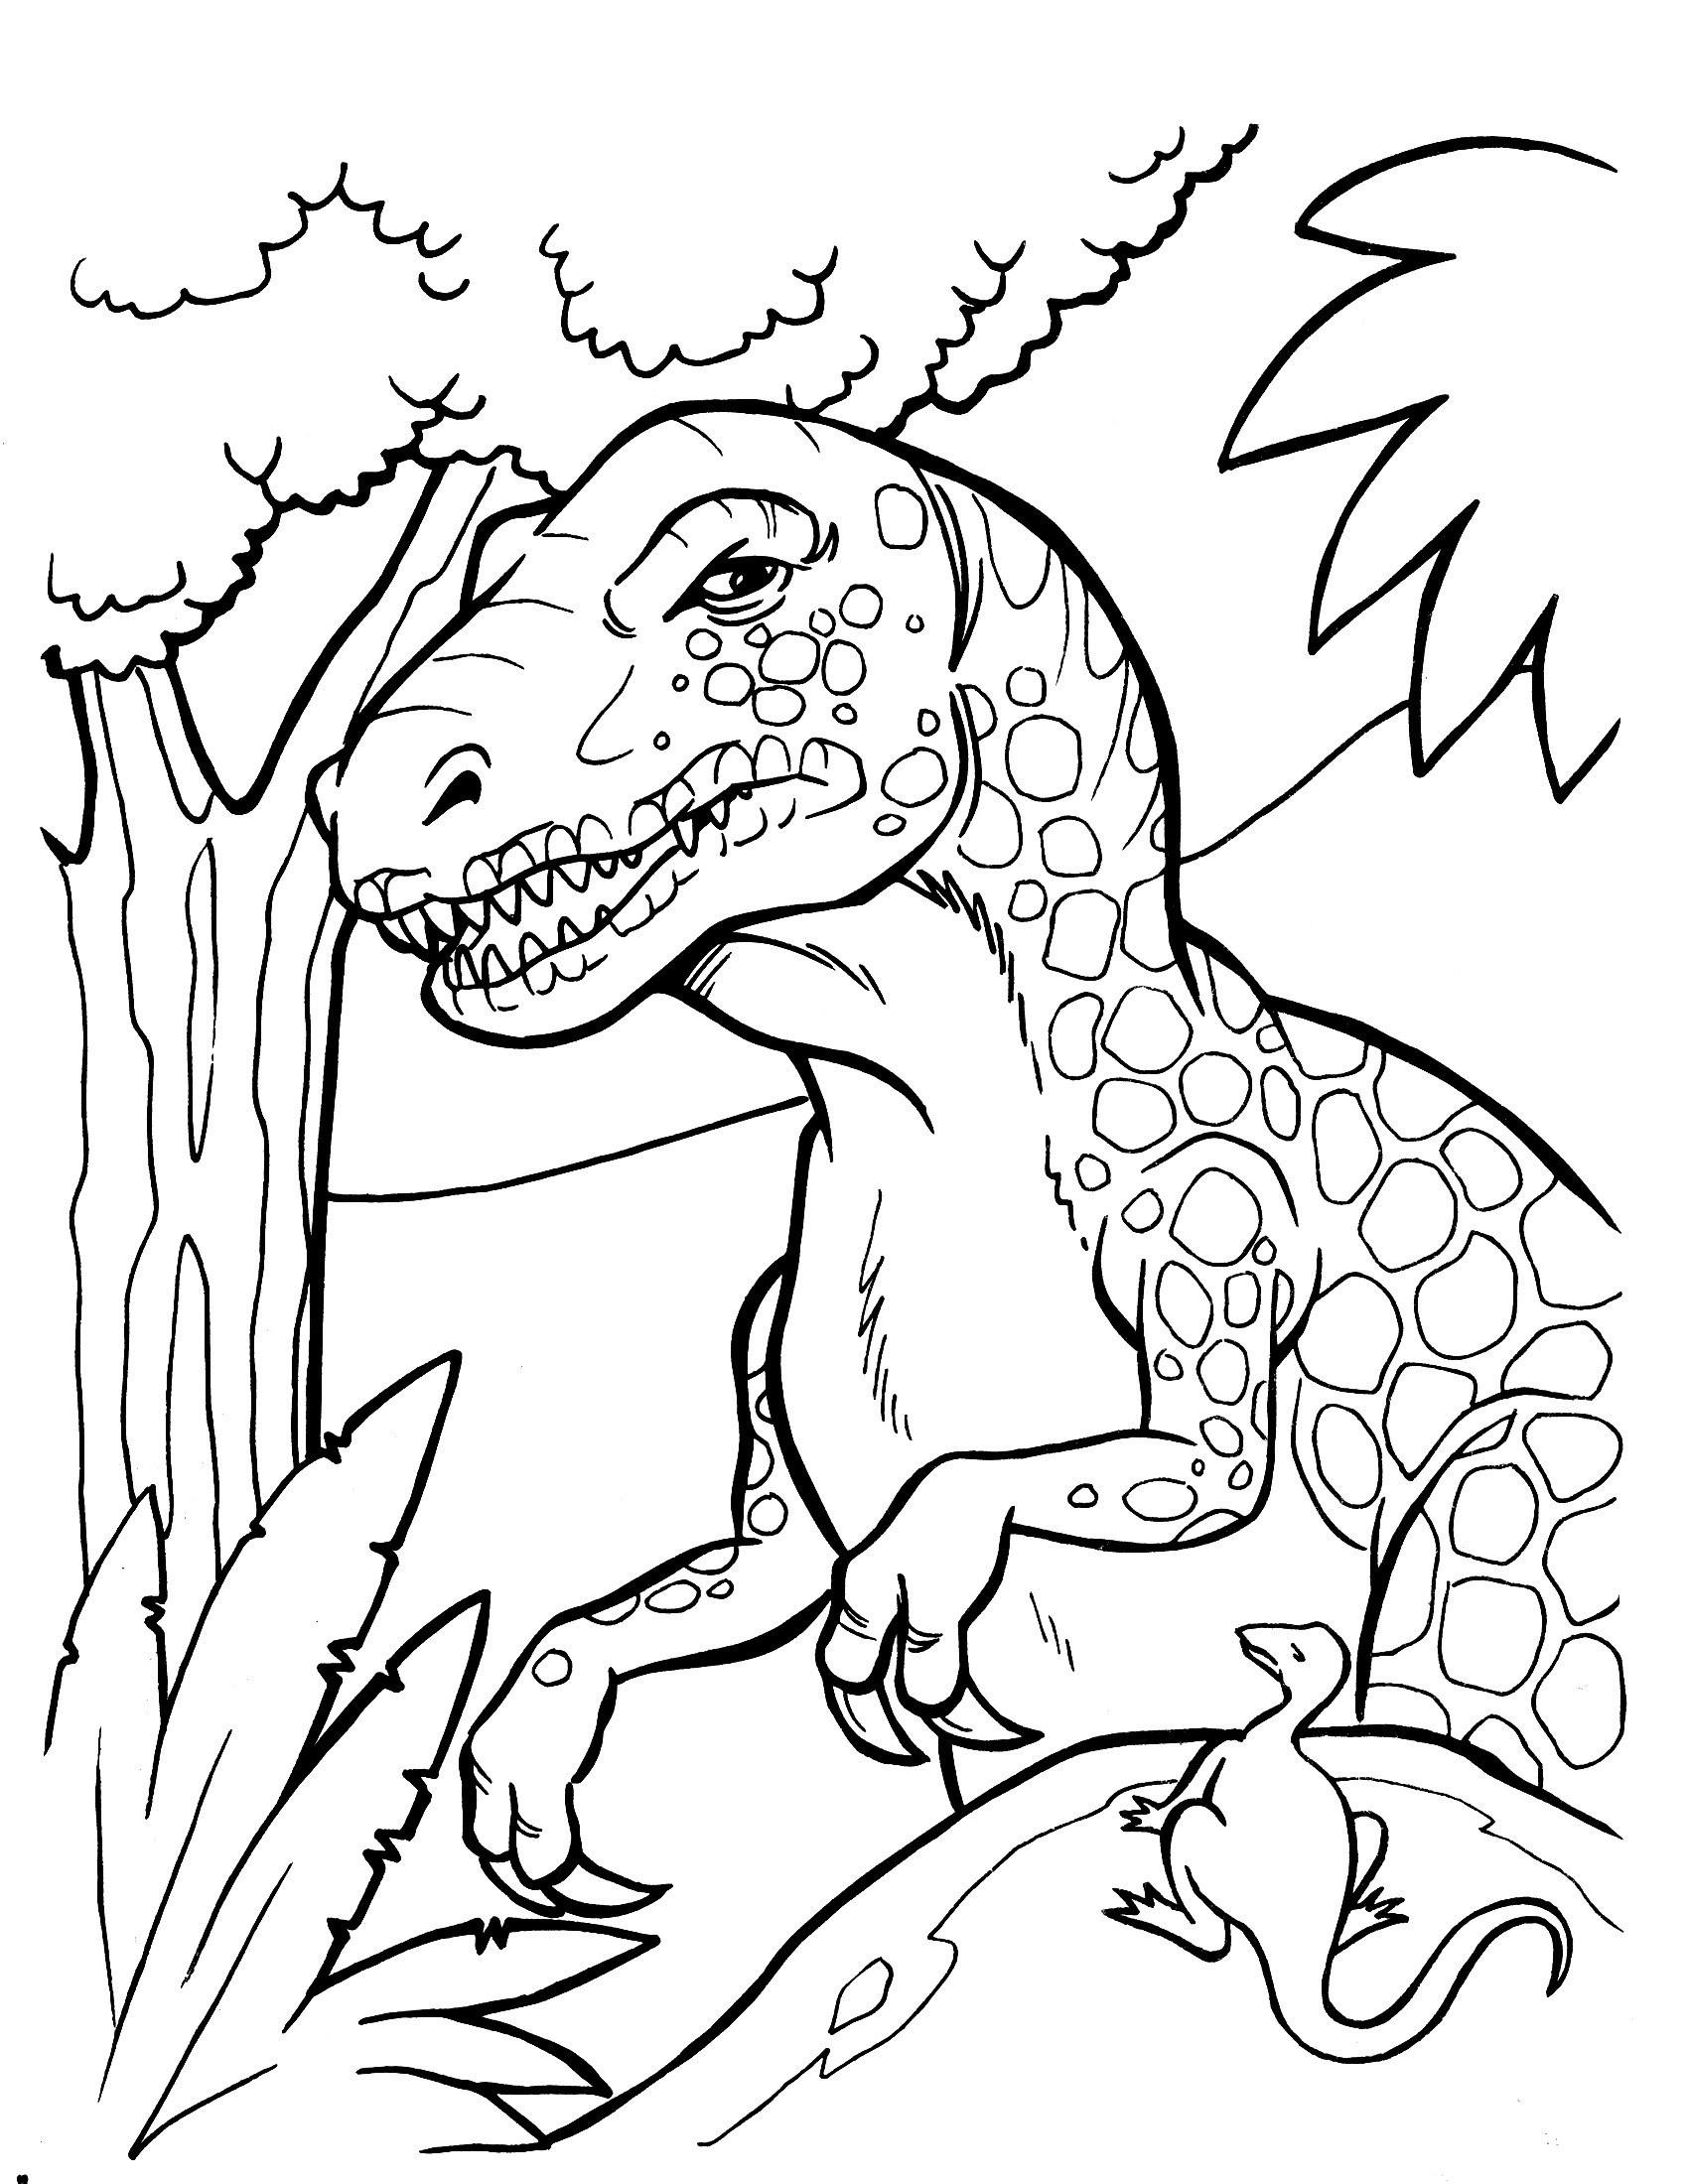 40 Ausmalbilder Dinosaurier Rex Scoredatscore Schön Ausmalbilder In